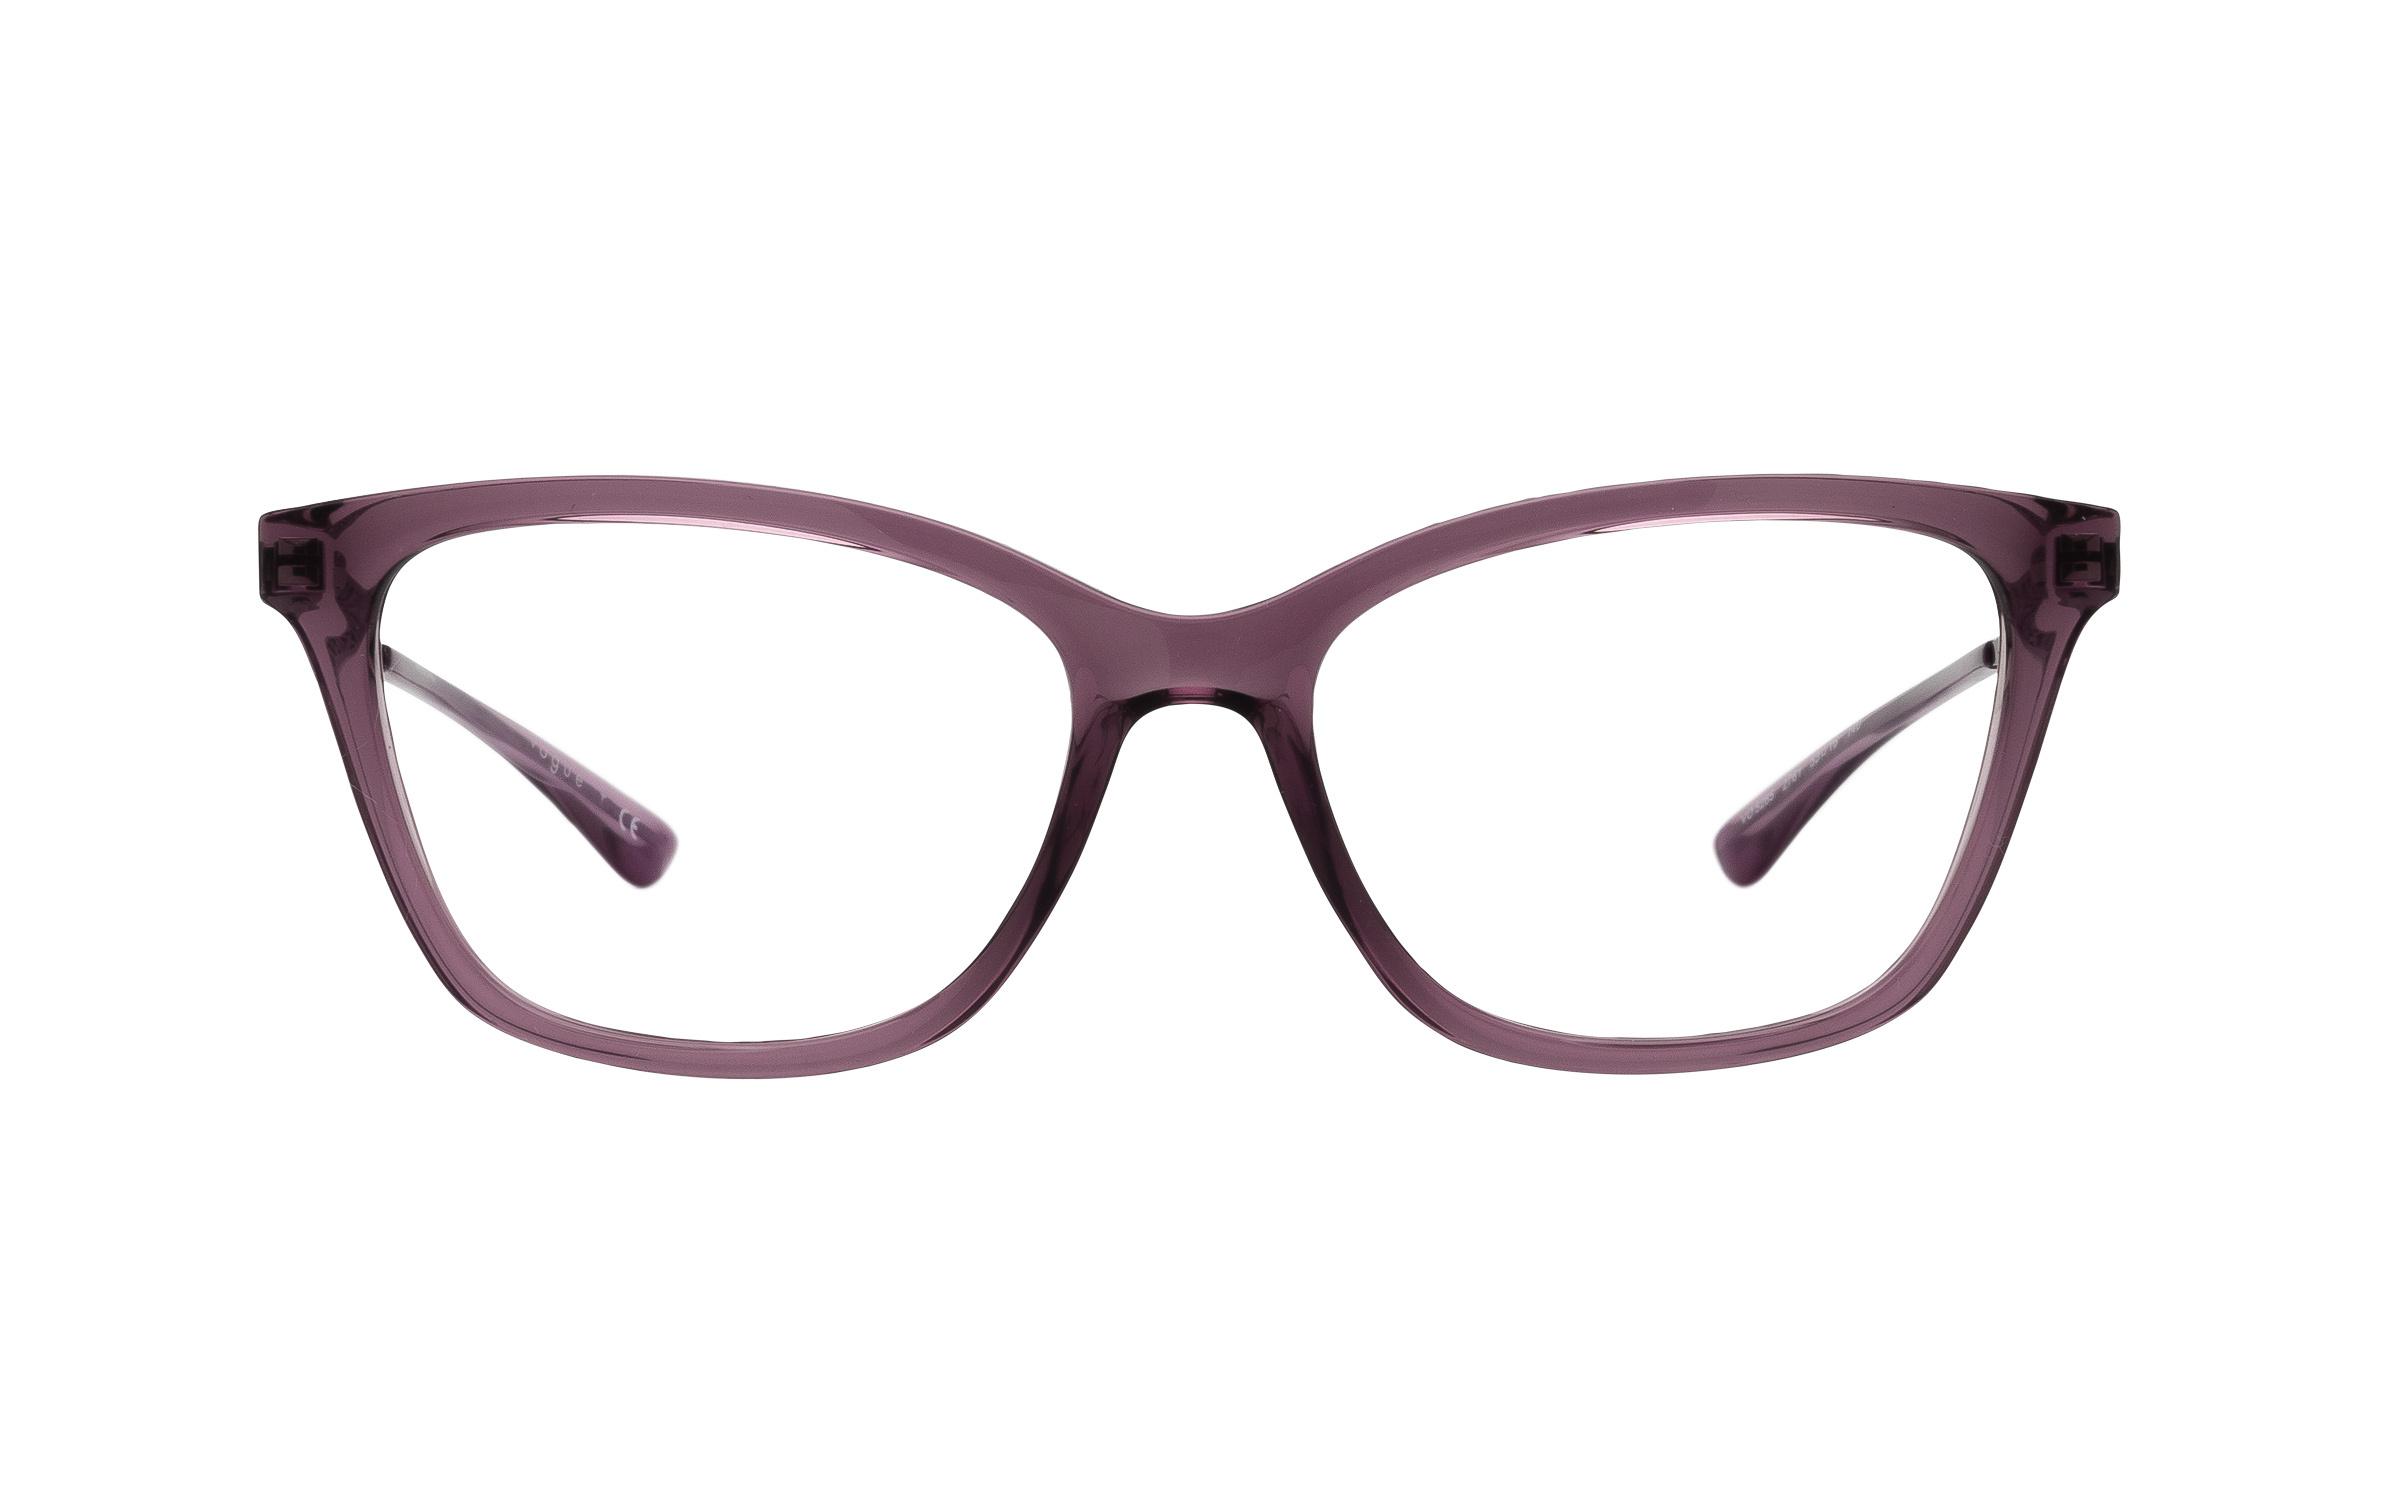 coastal.com - Vogue VO5285 2761 (53) Eyeglasses and Frame in Transparent Violet Purple | Acetate – Online Coastal 98.00 USD